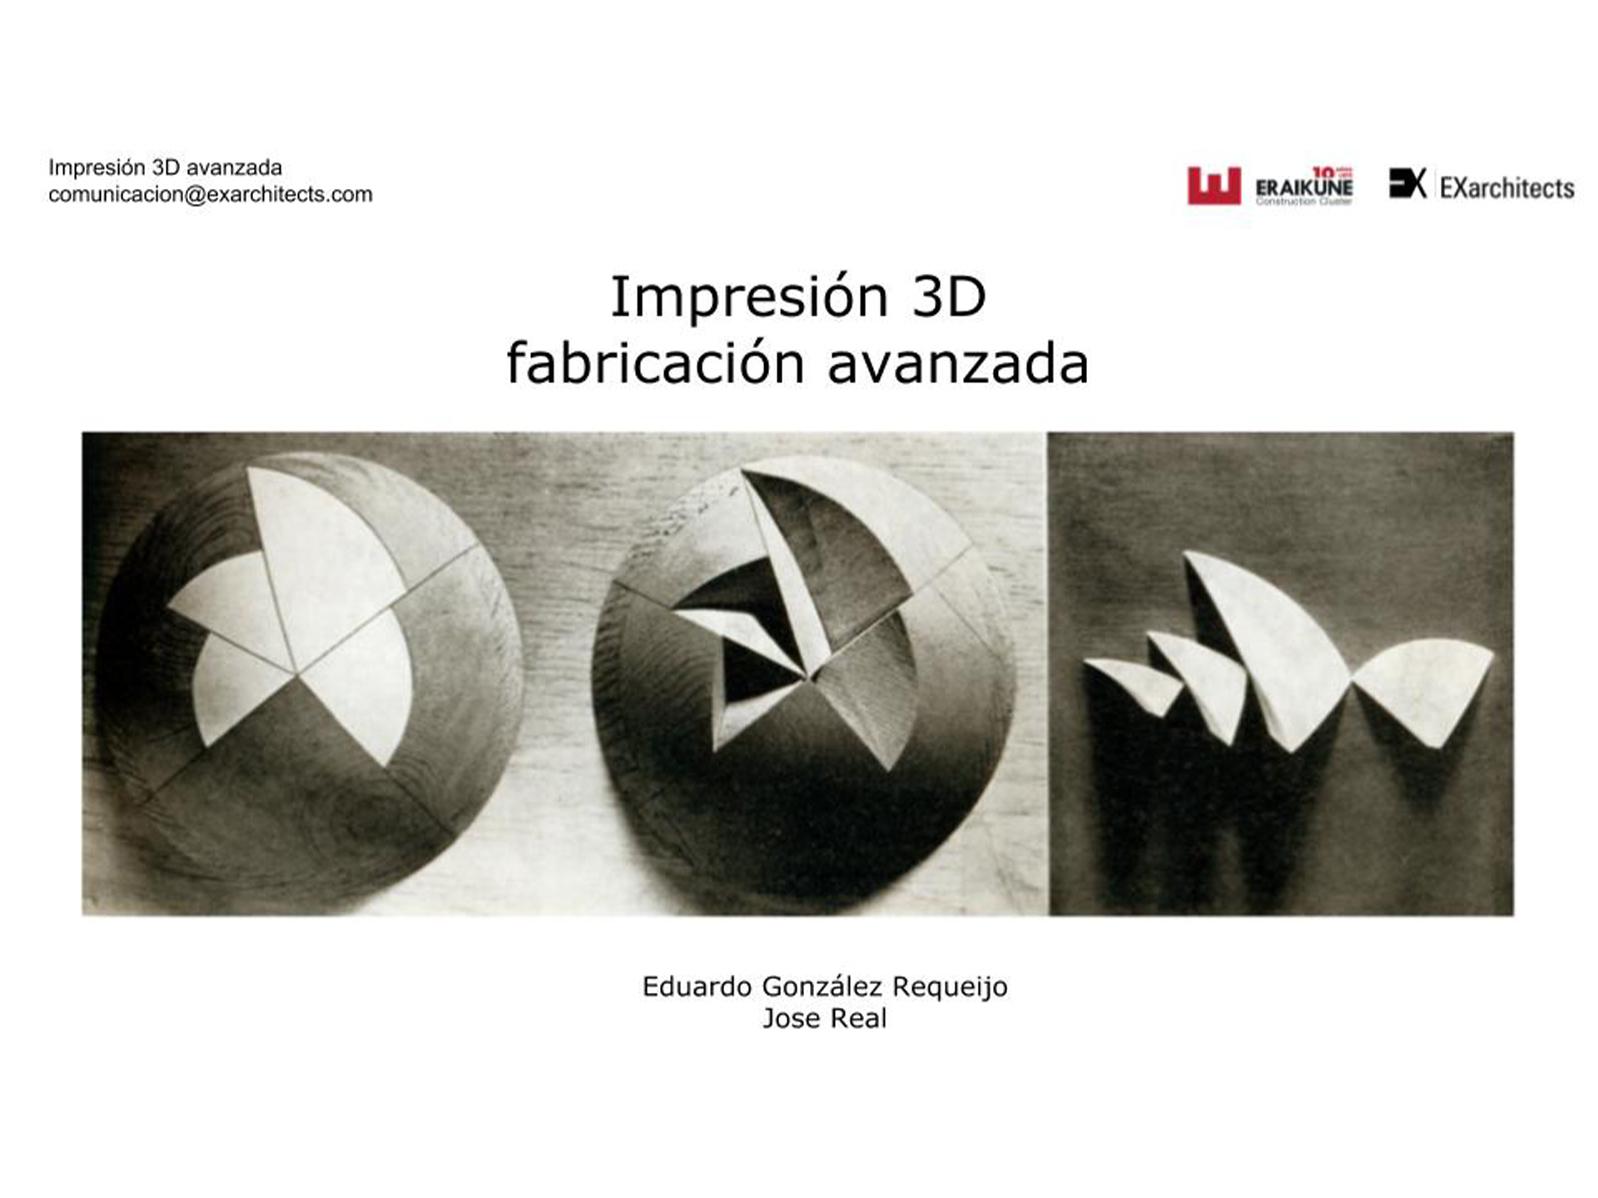 Taller impresión 3D avanzada impartido por EXarchitects en Eraikune